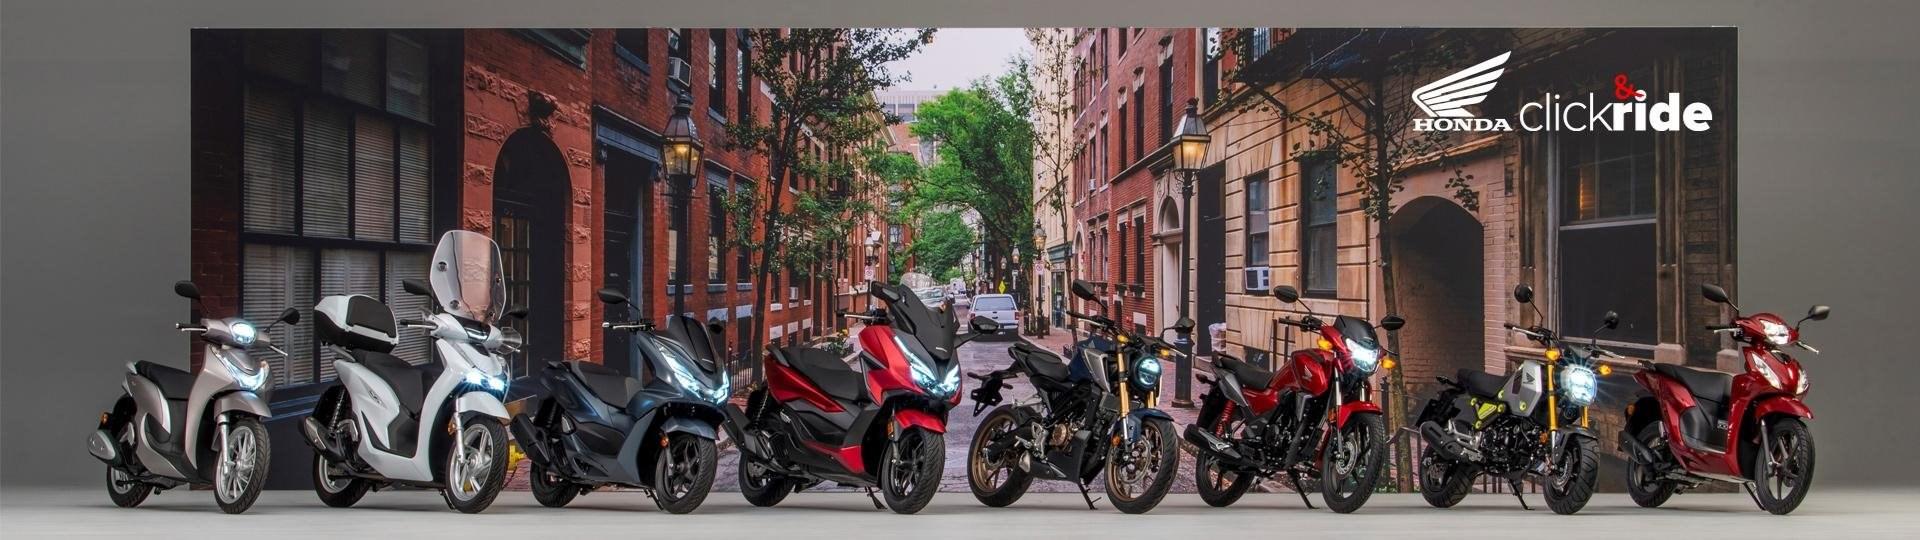 Bestelle dein Motorrad/Roller auch im Lockdown: mit Click & Ride